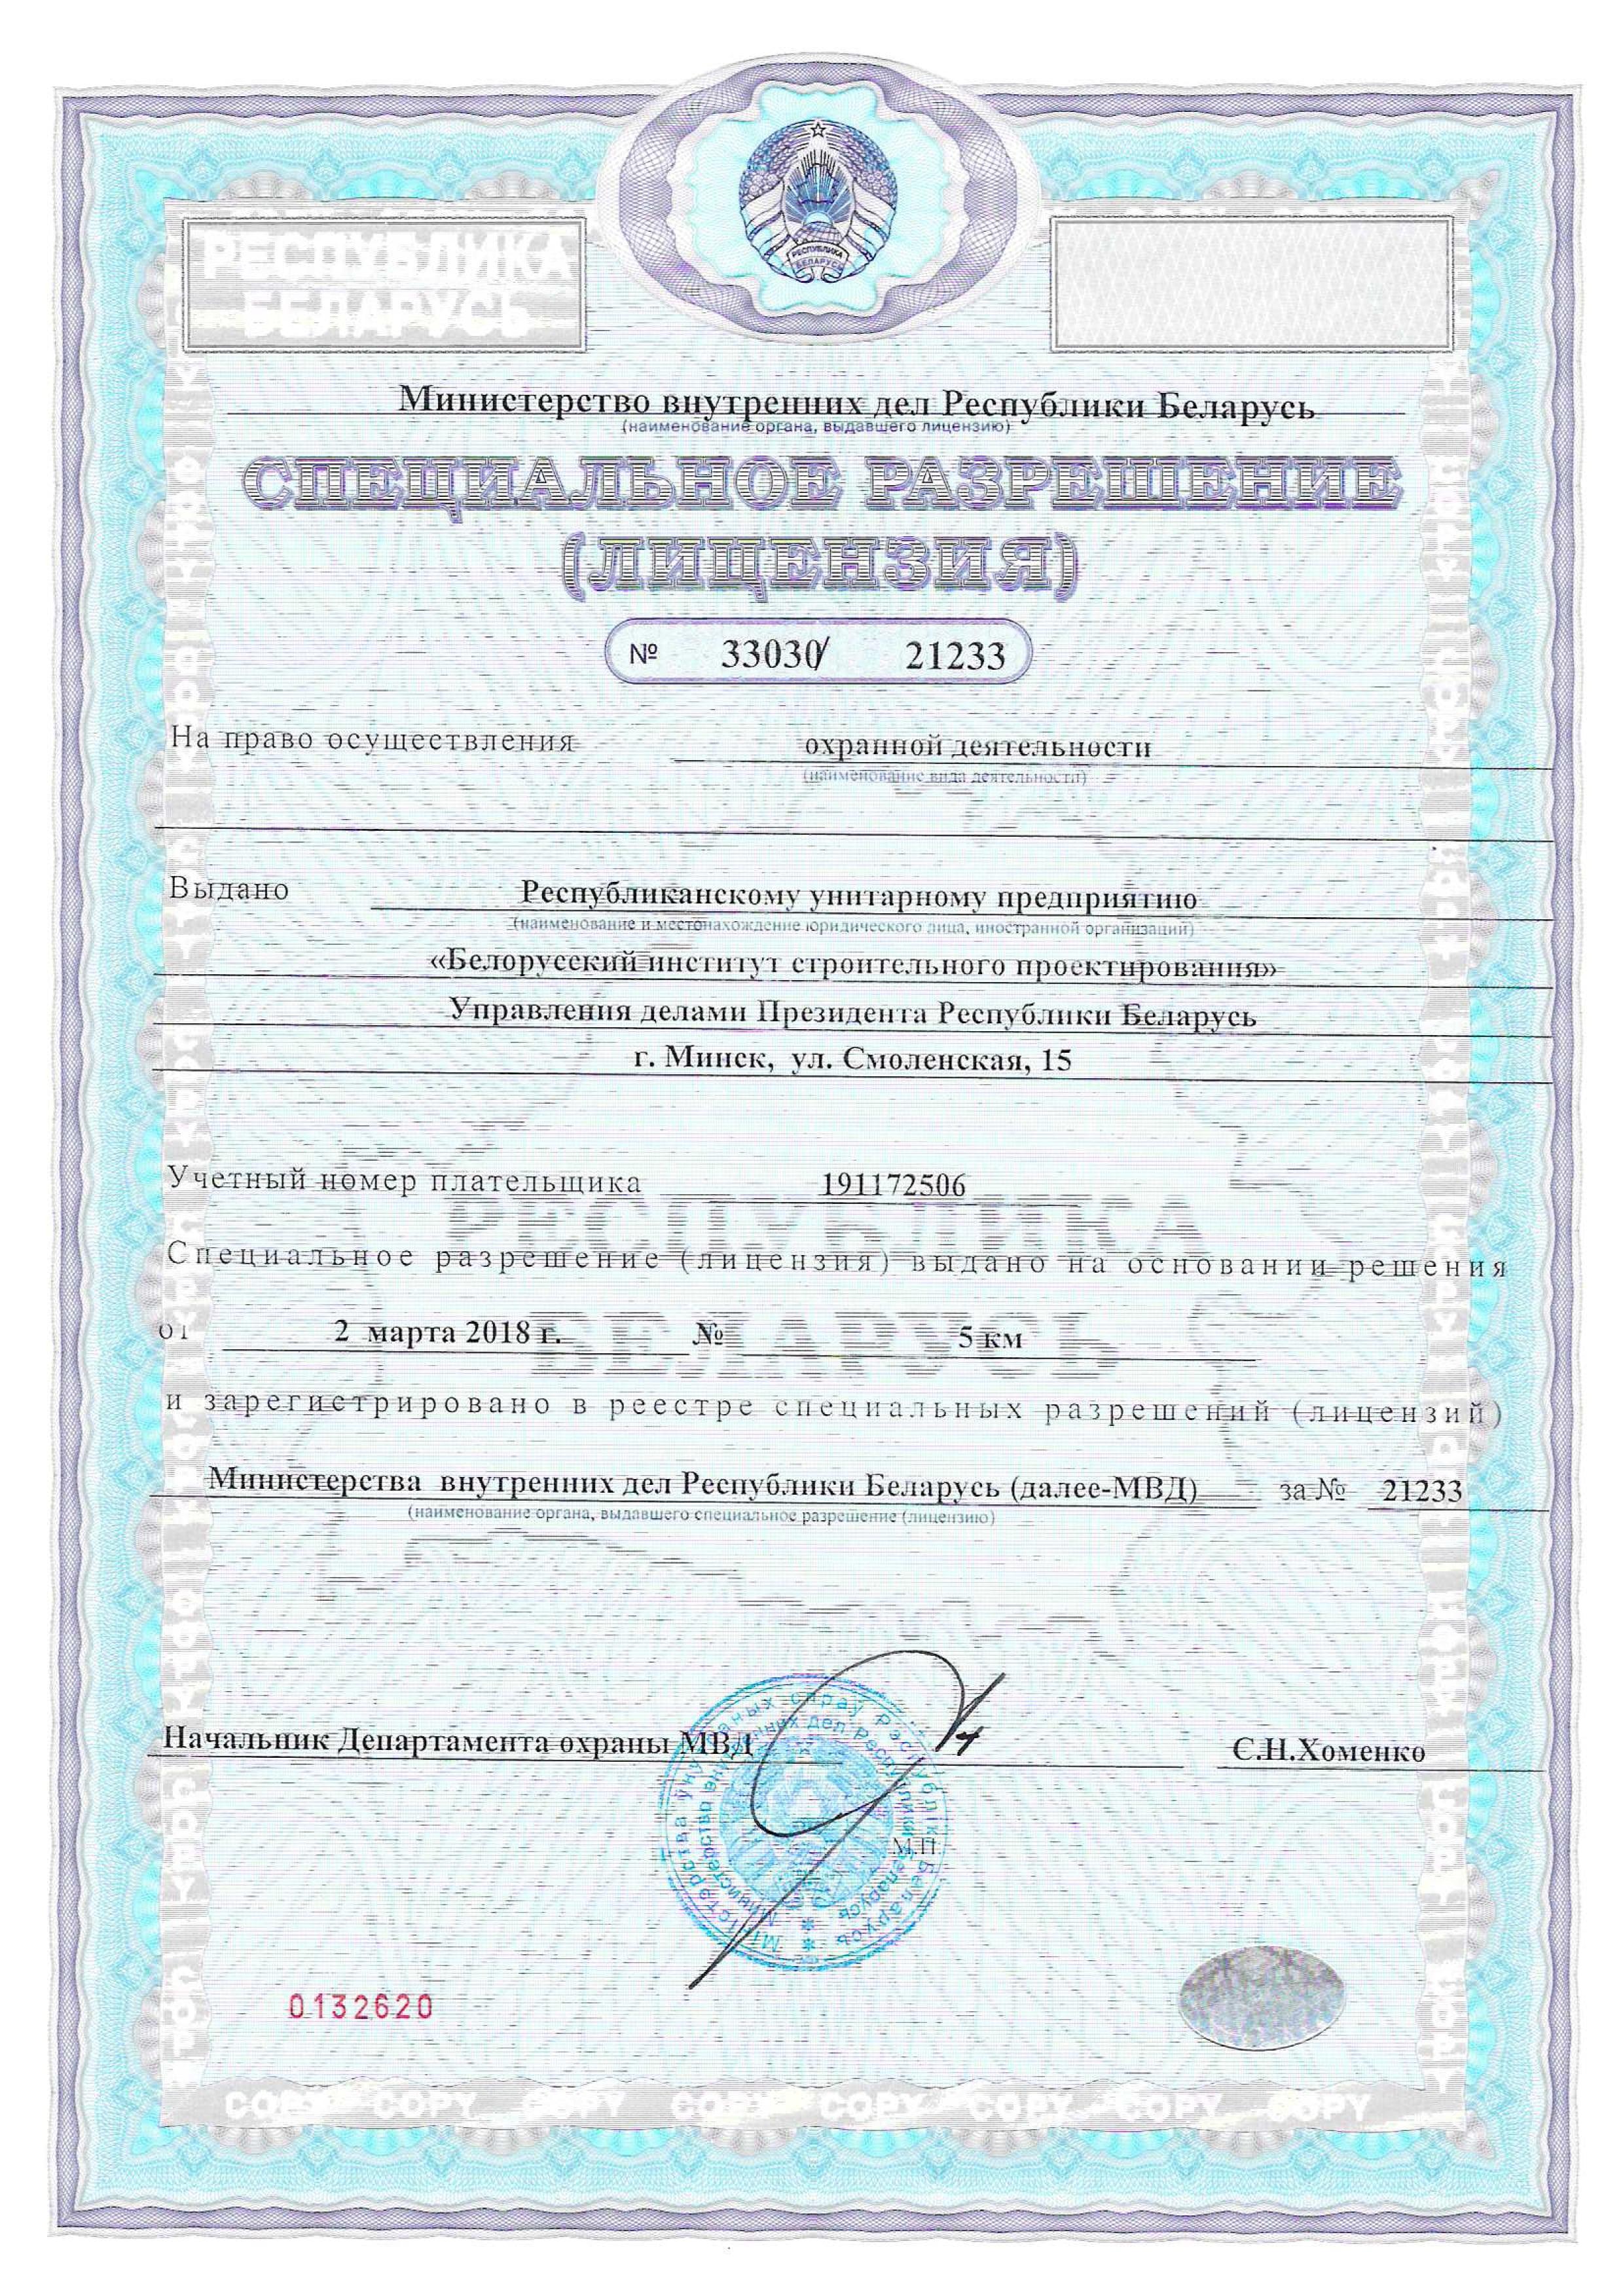 Лицензия МВД (проектирование средств и систем охраны)-1-min